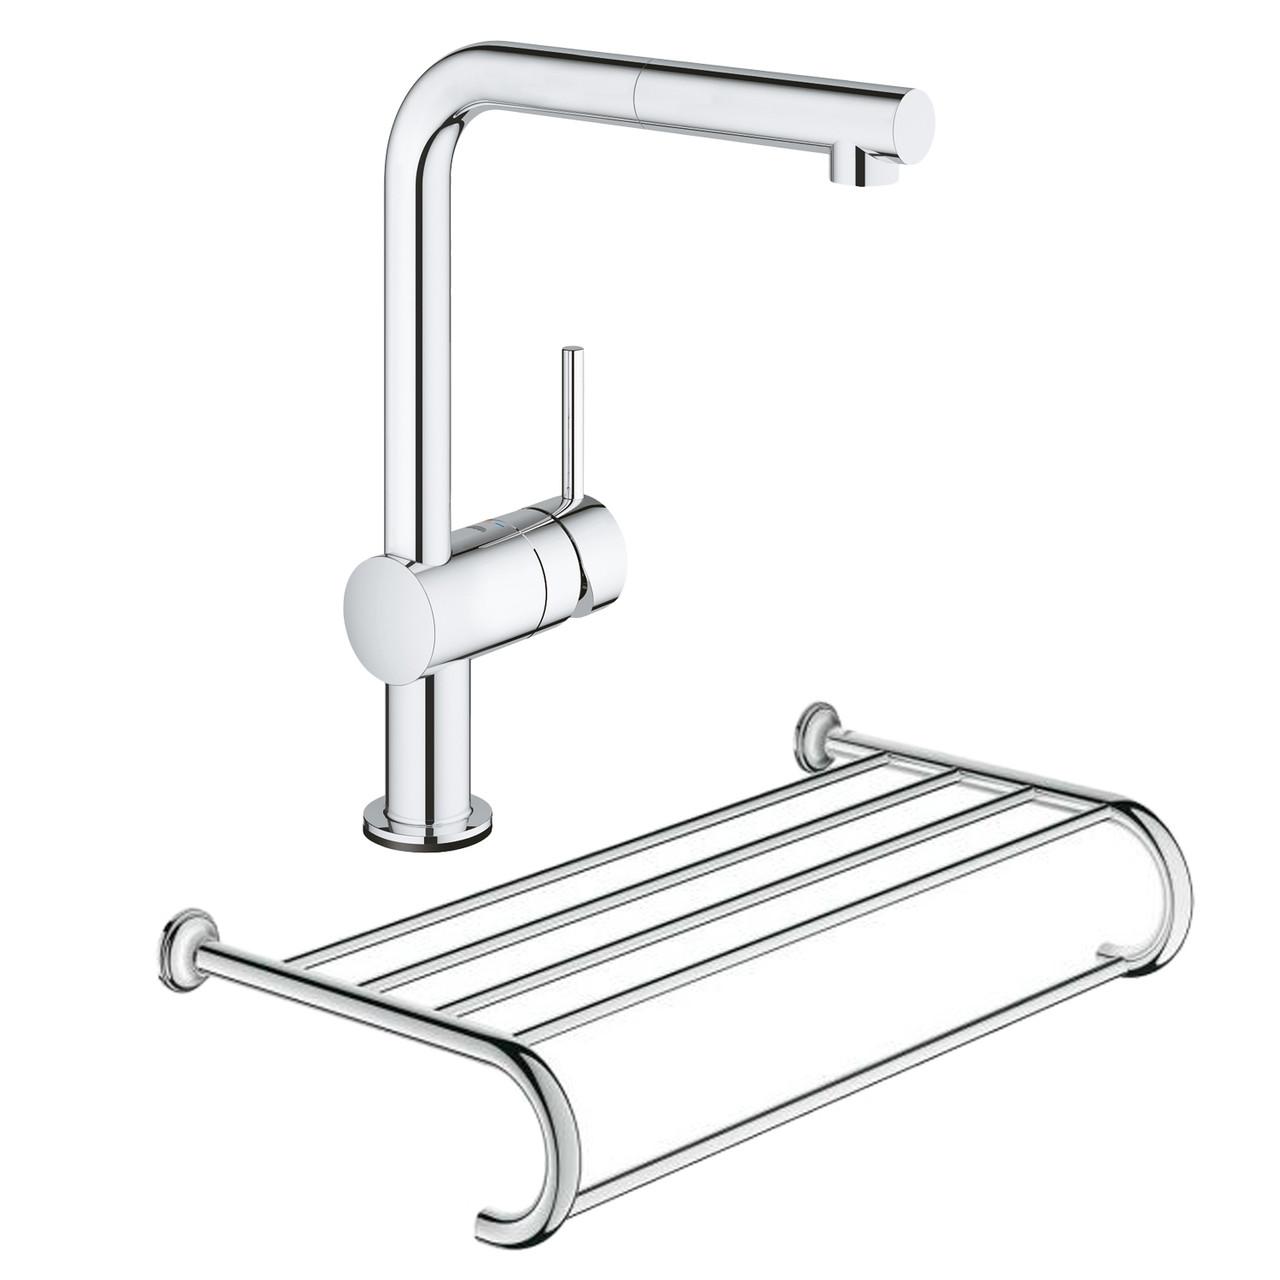 Набор Grohe смеситель для кухни сенсорный Minta Touch 31360001 + полка для полотенец Essentials Authentic